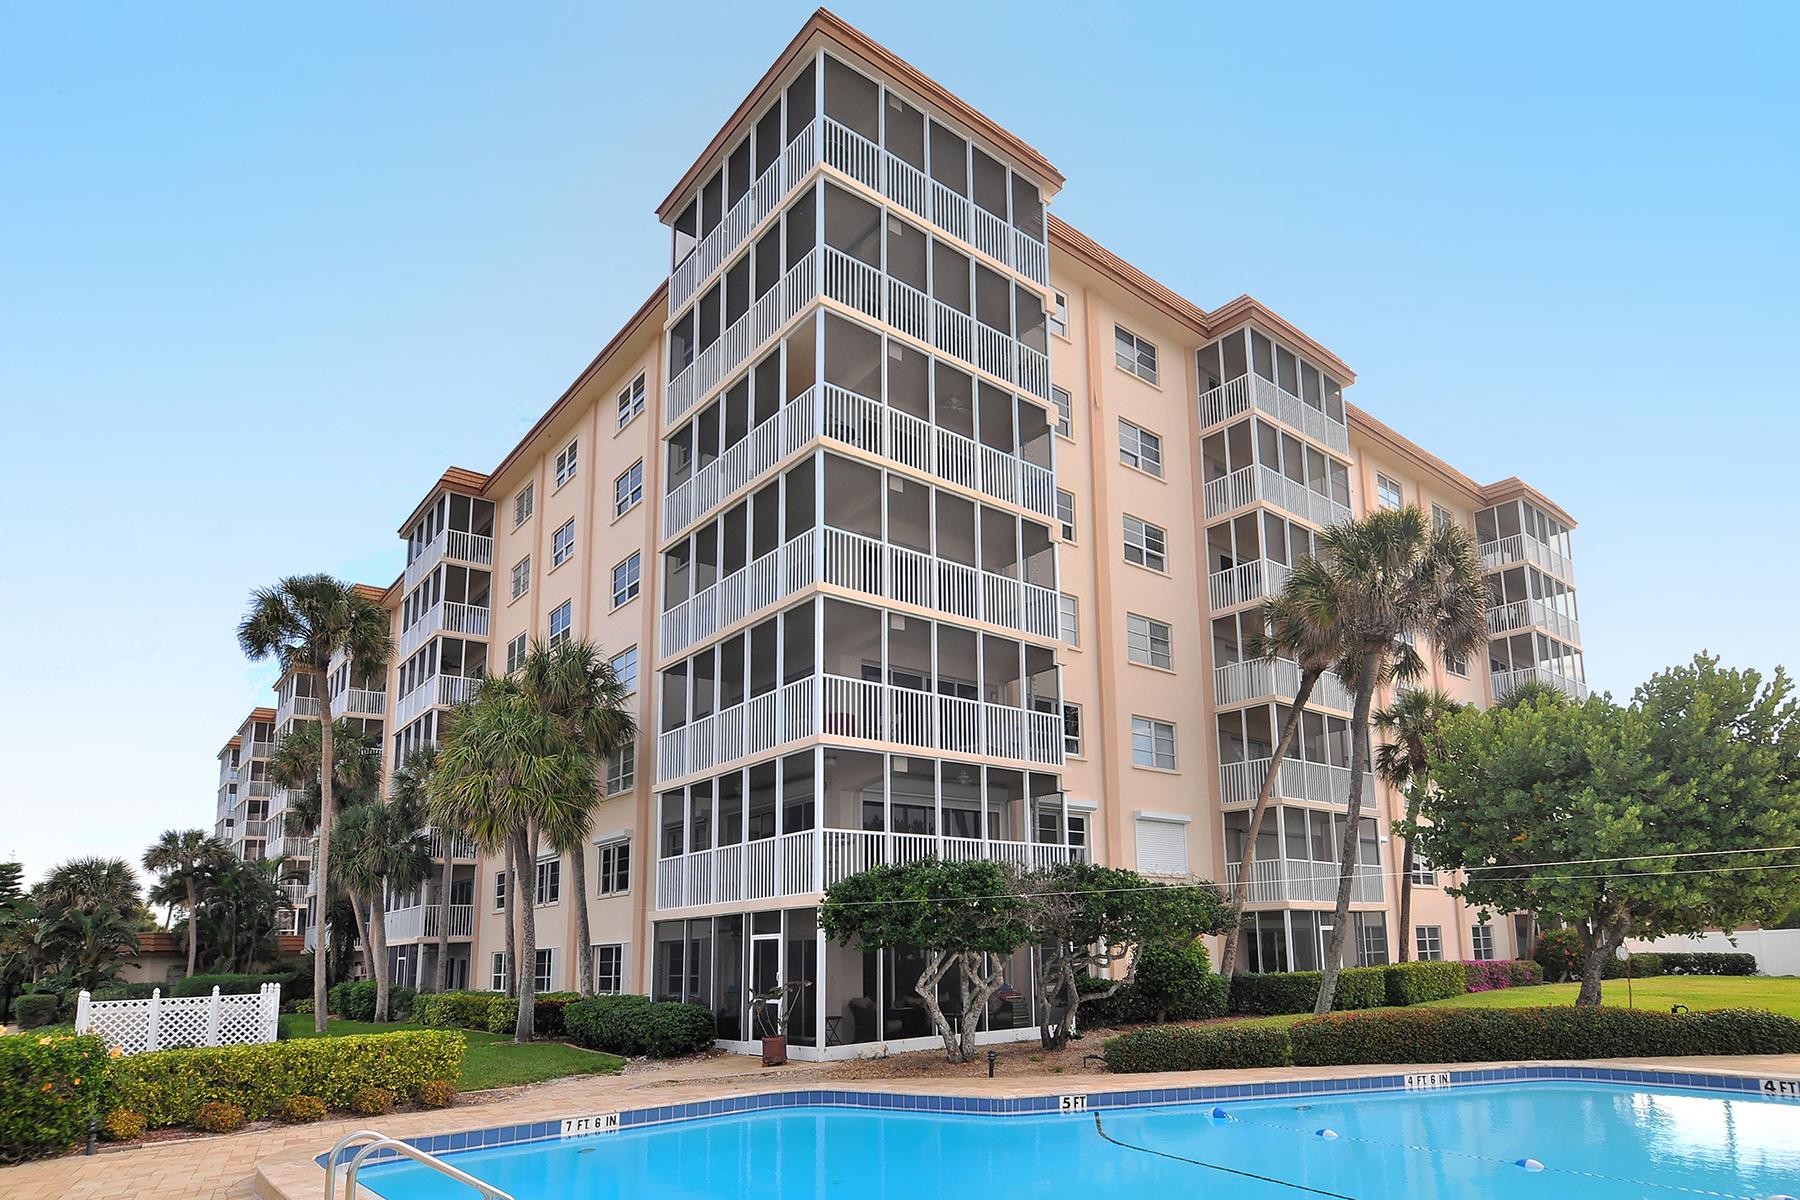 Кооперативная квартира для того Продажа на LIDO AMBASSADOR 800 Benjamin Franklin Dr 510 Sarasota, Флорида 34236 Соединенные Штаты